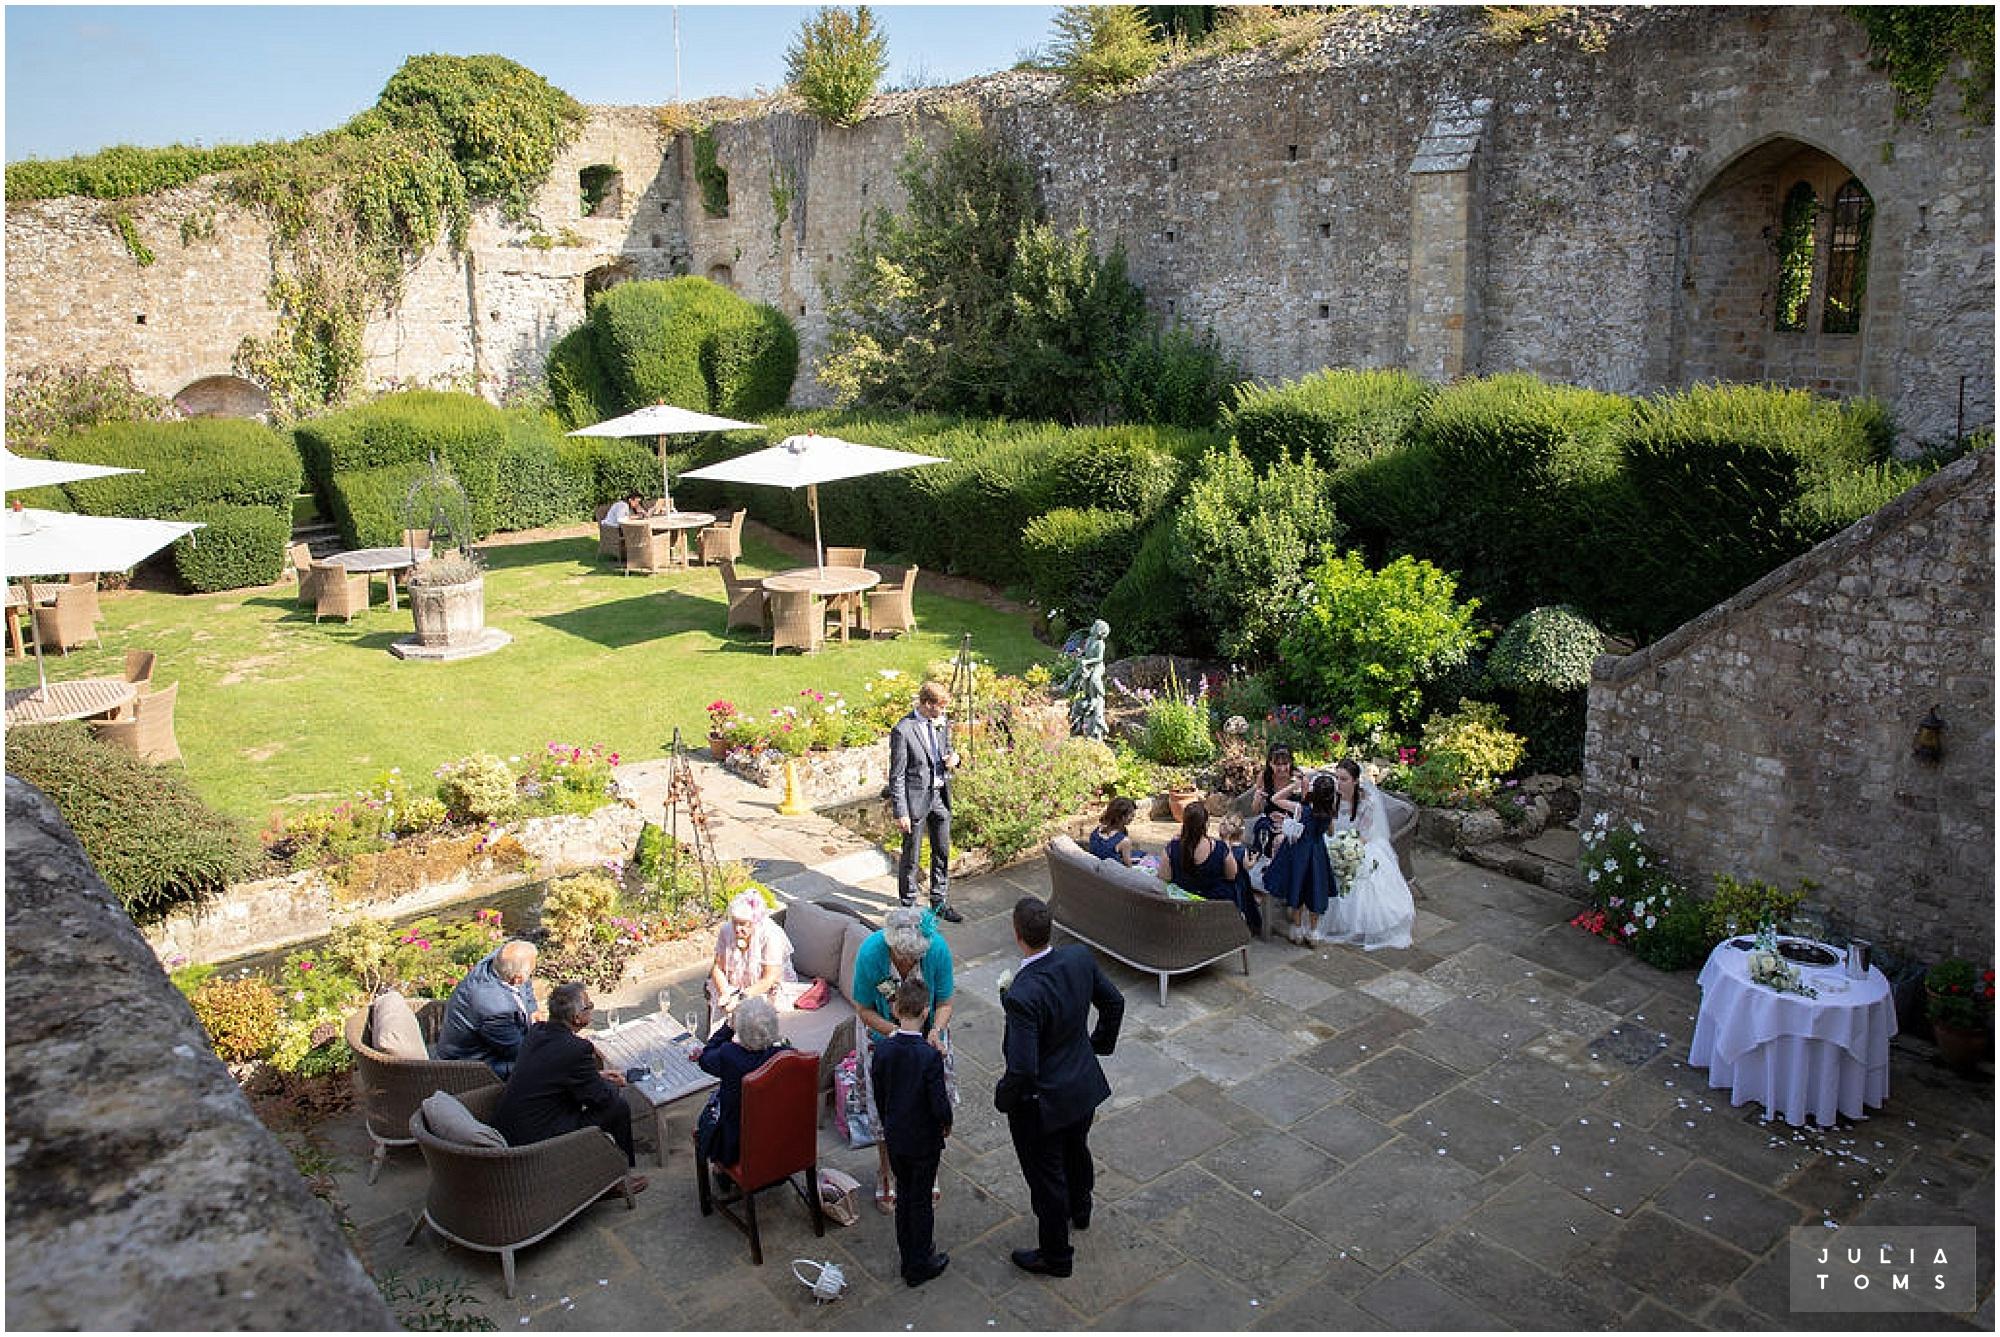 amberley_castle_wedding_photographer_047.jpg